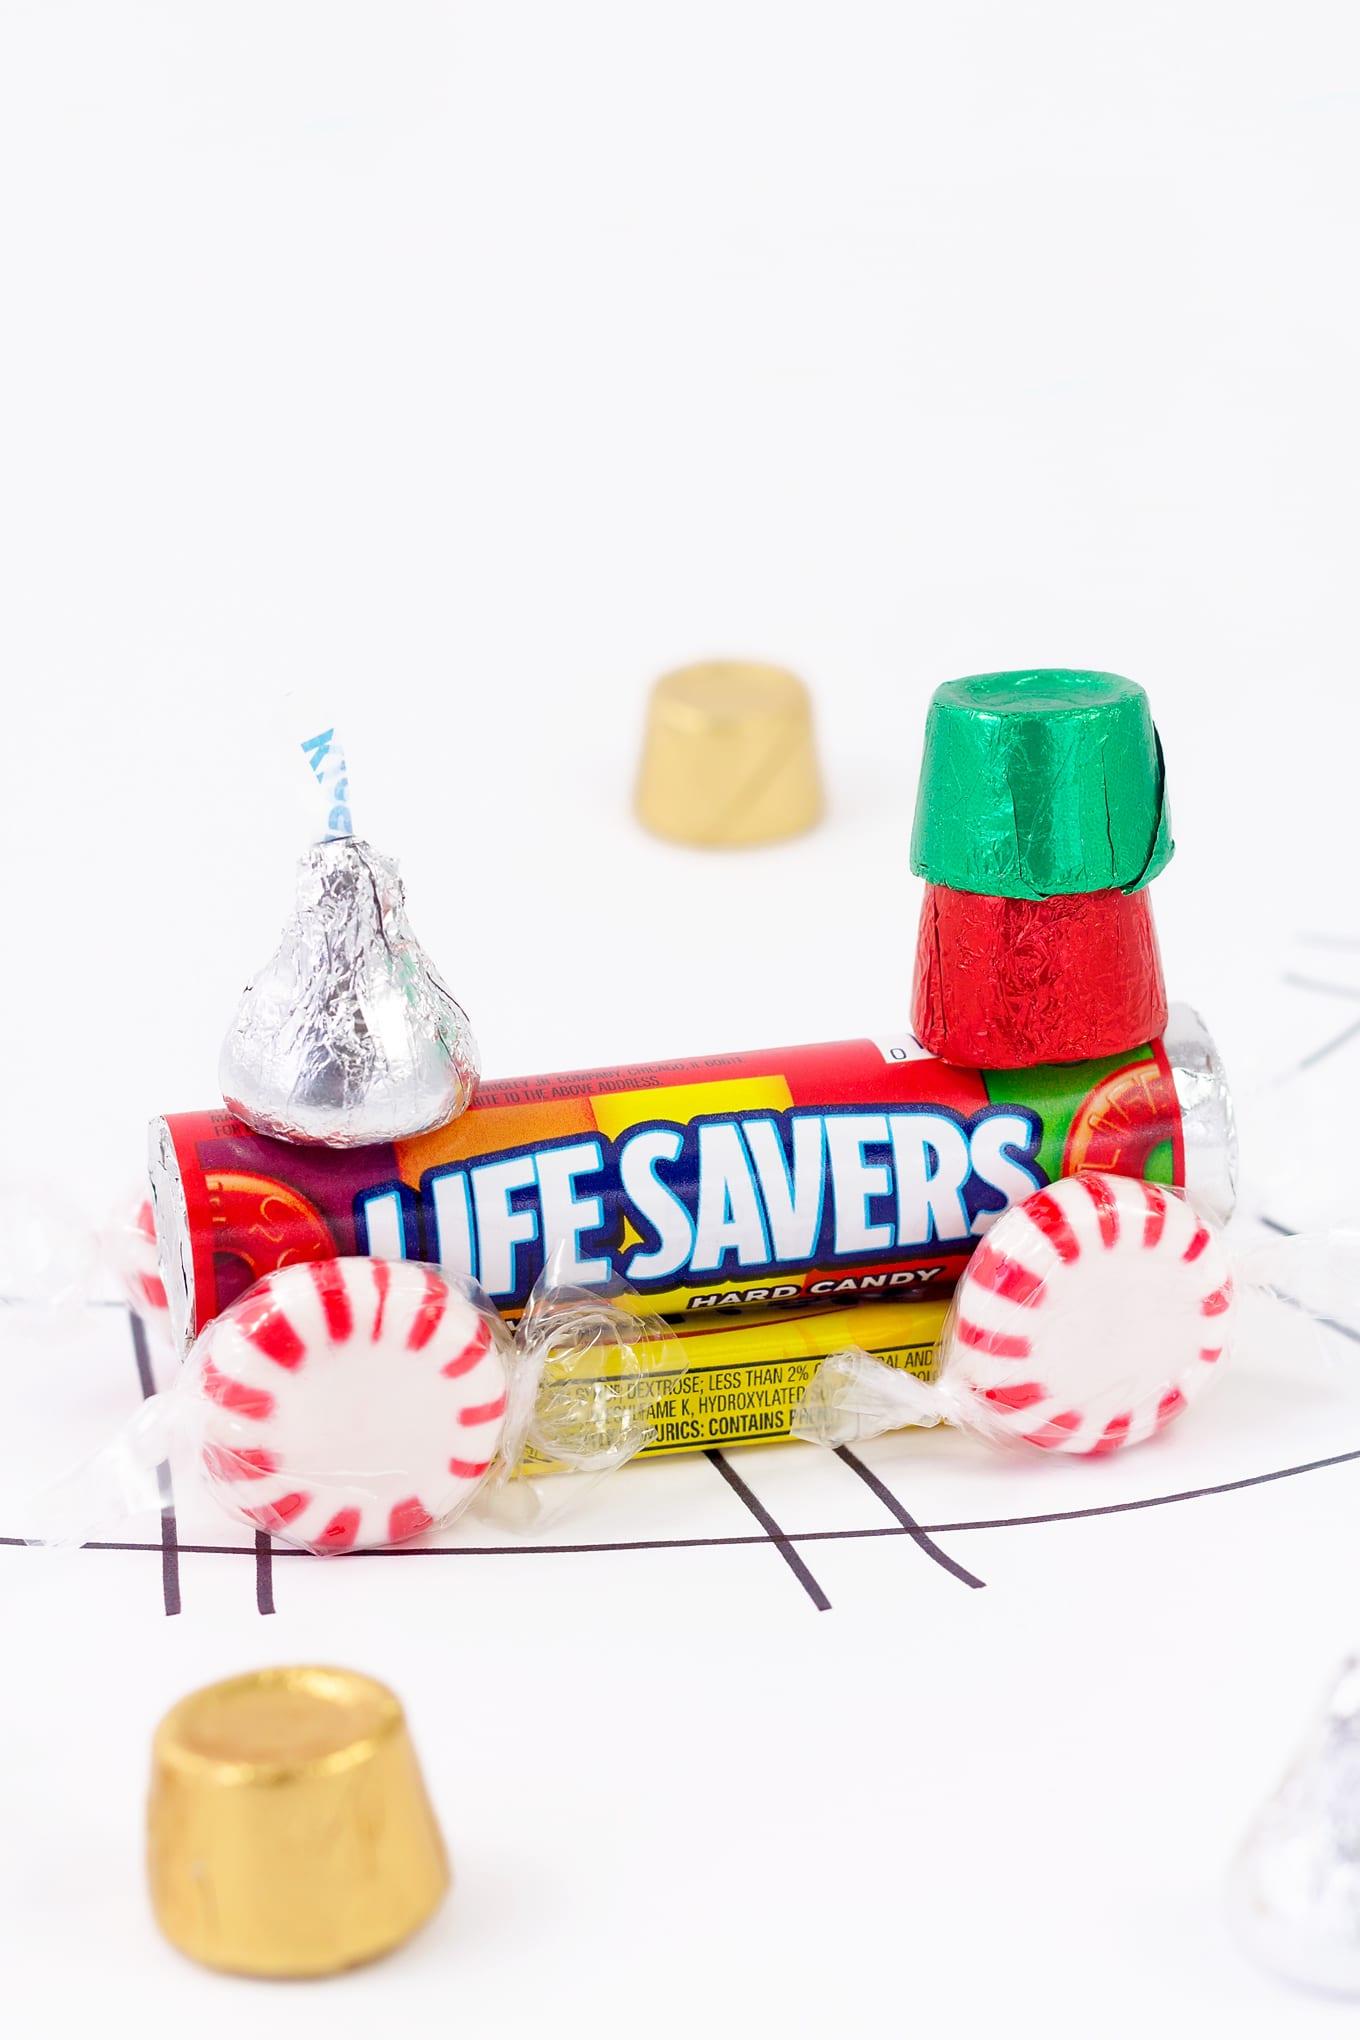 Life Savers Christmas Candy Train